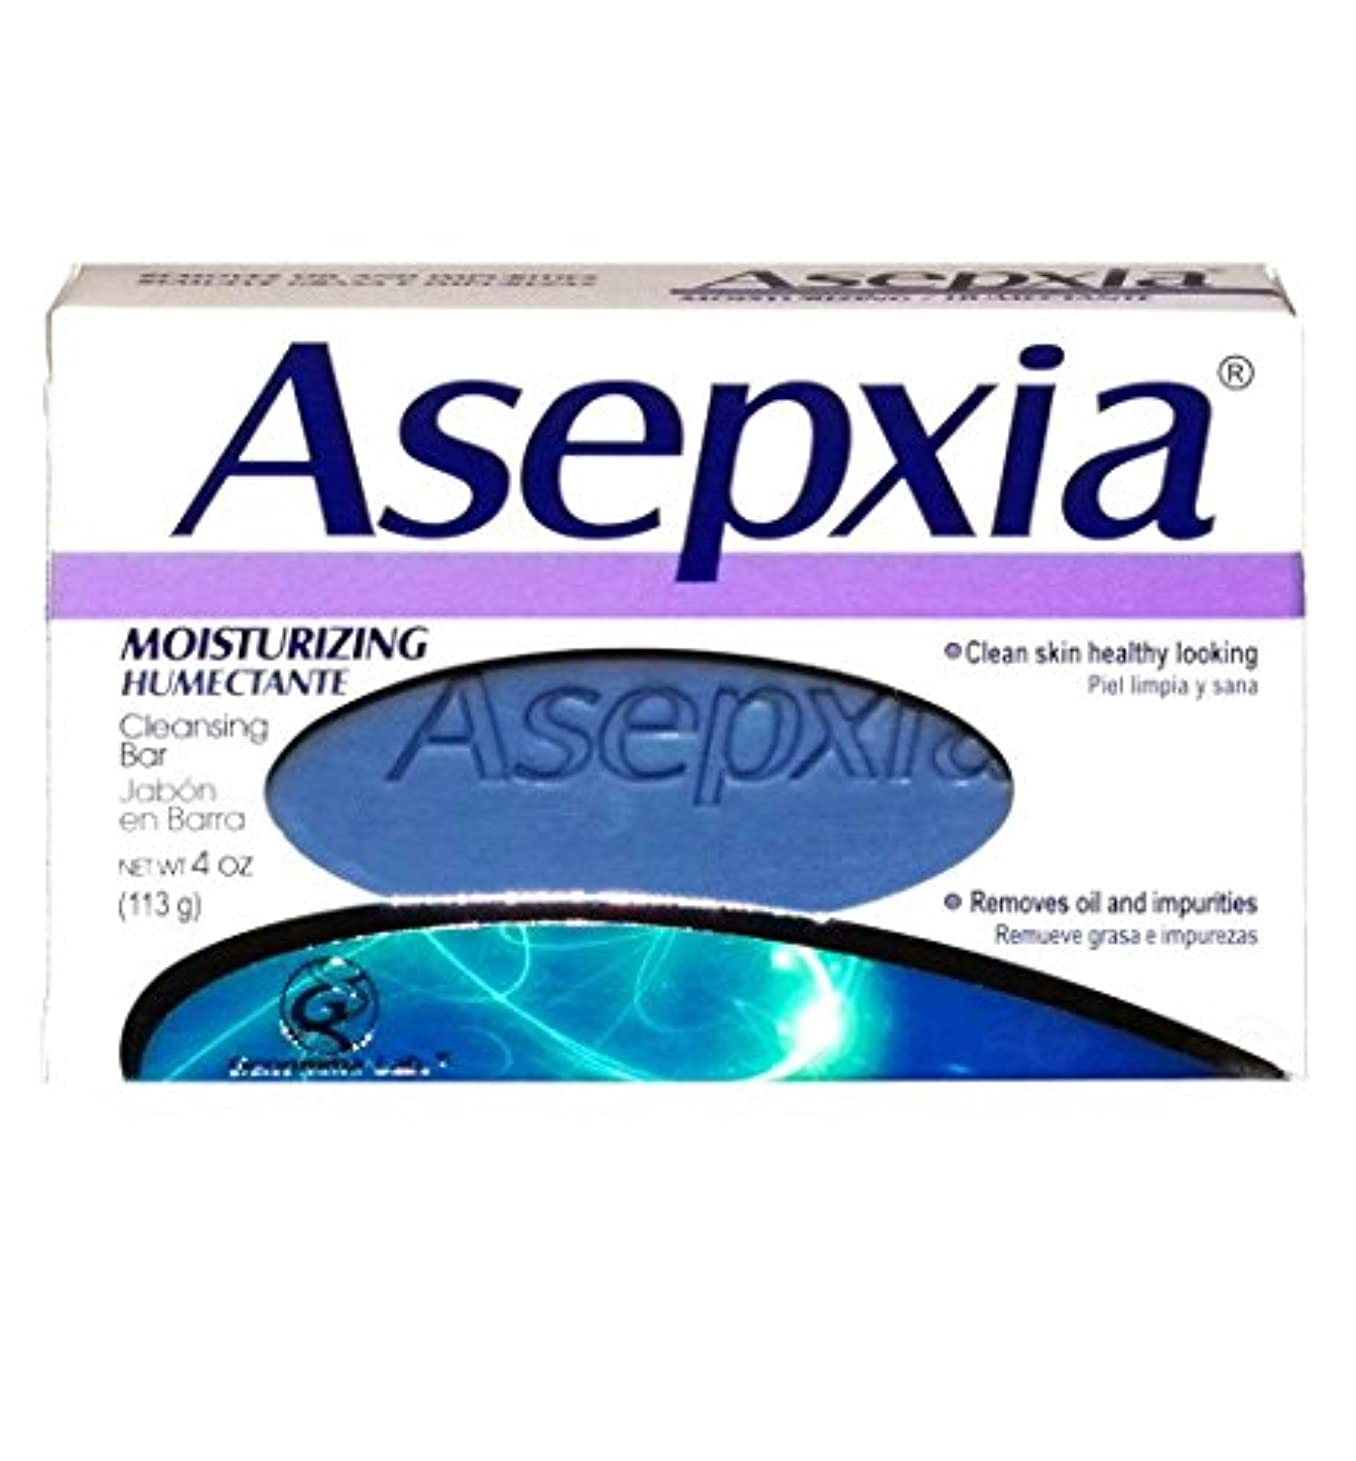 慈善主張する師匠Asepxia Moisturizing Soap 3.53 oz - Jabon Humectante by Asepxia [並行輸入品]